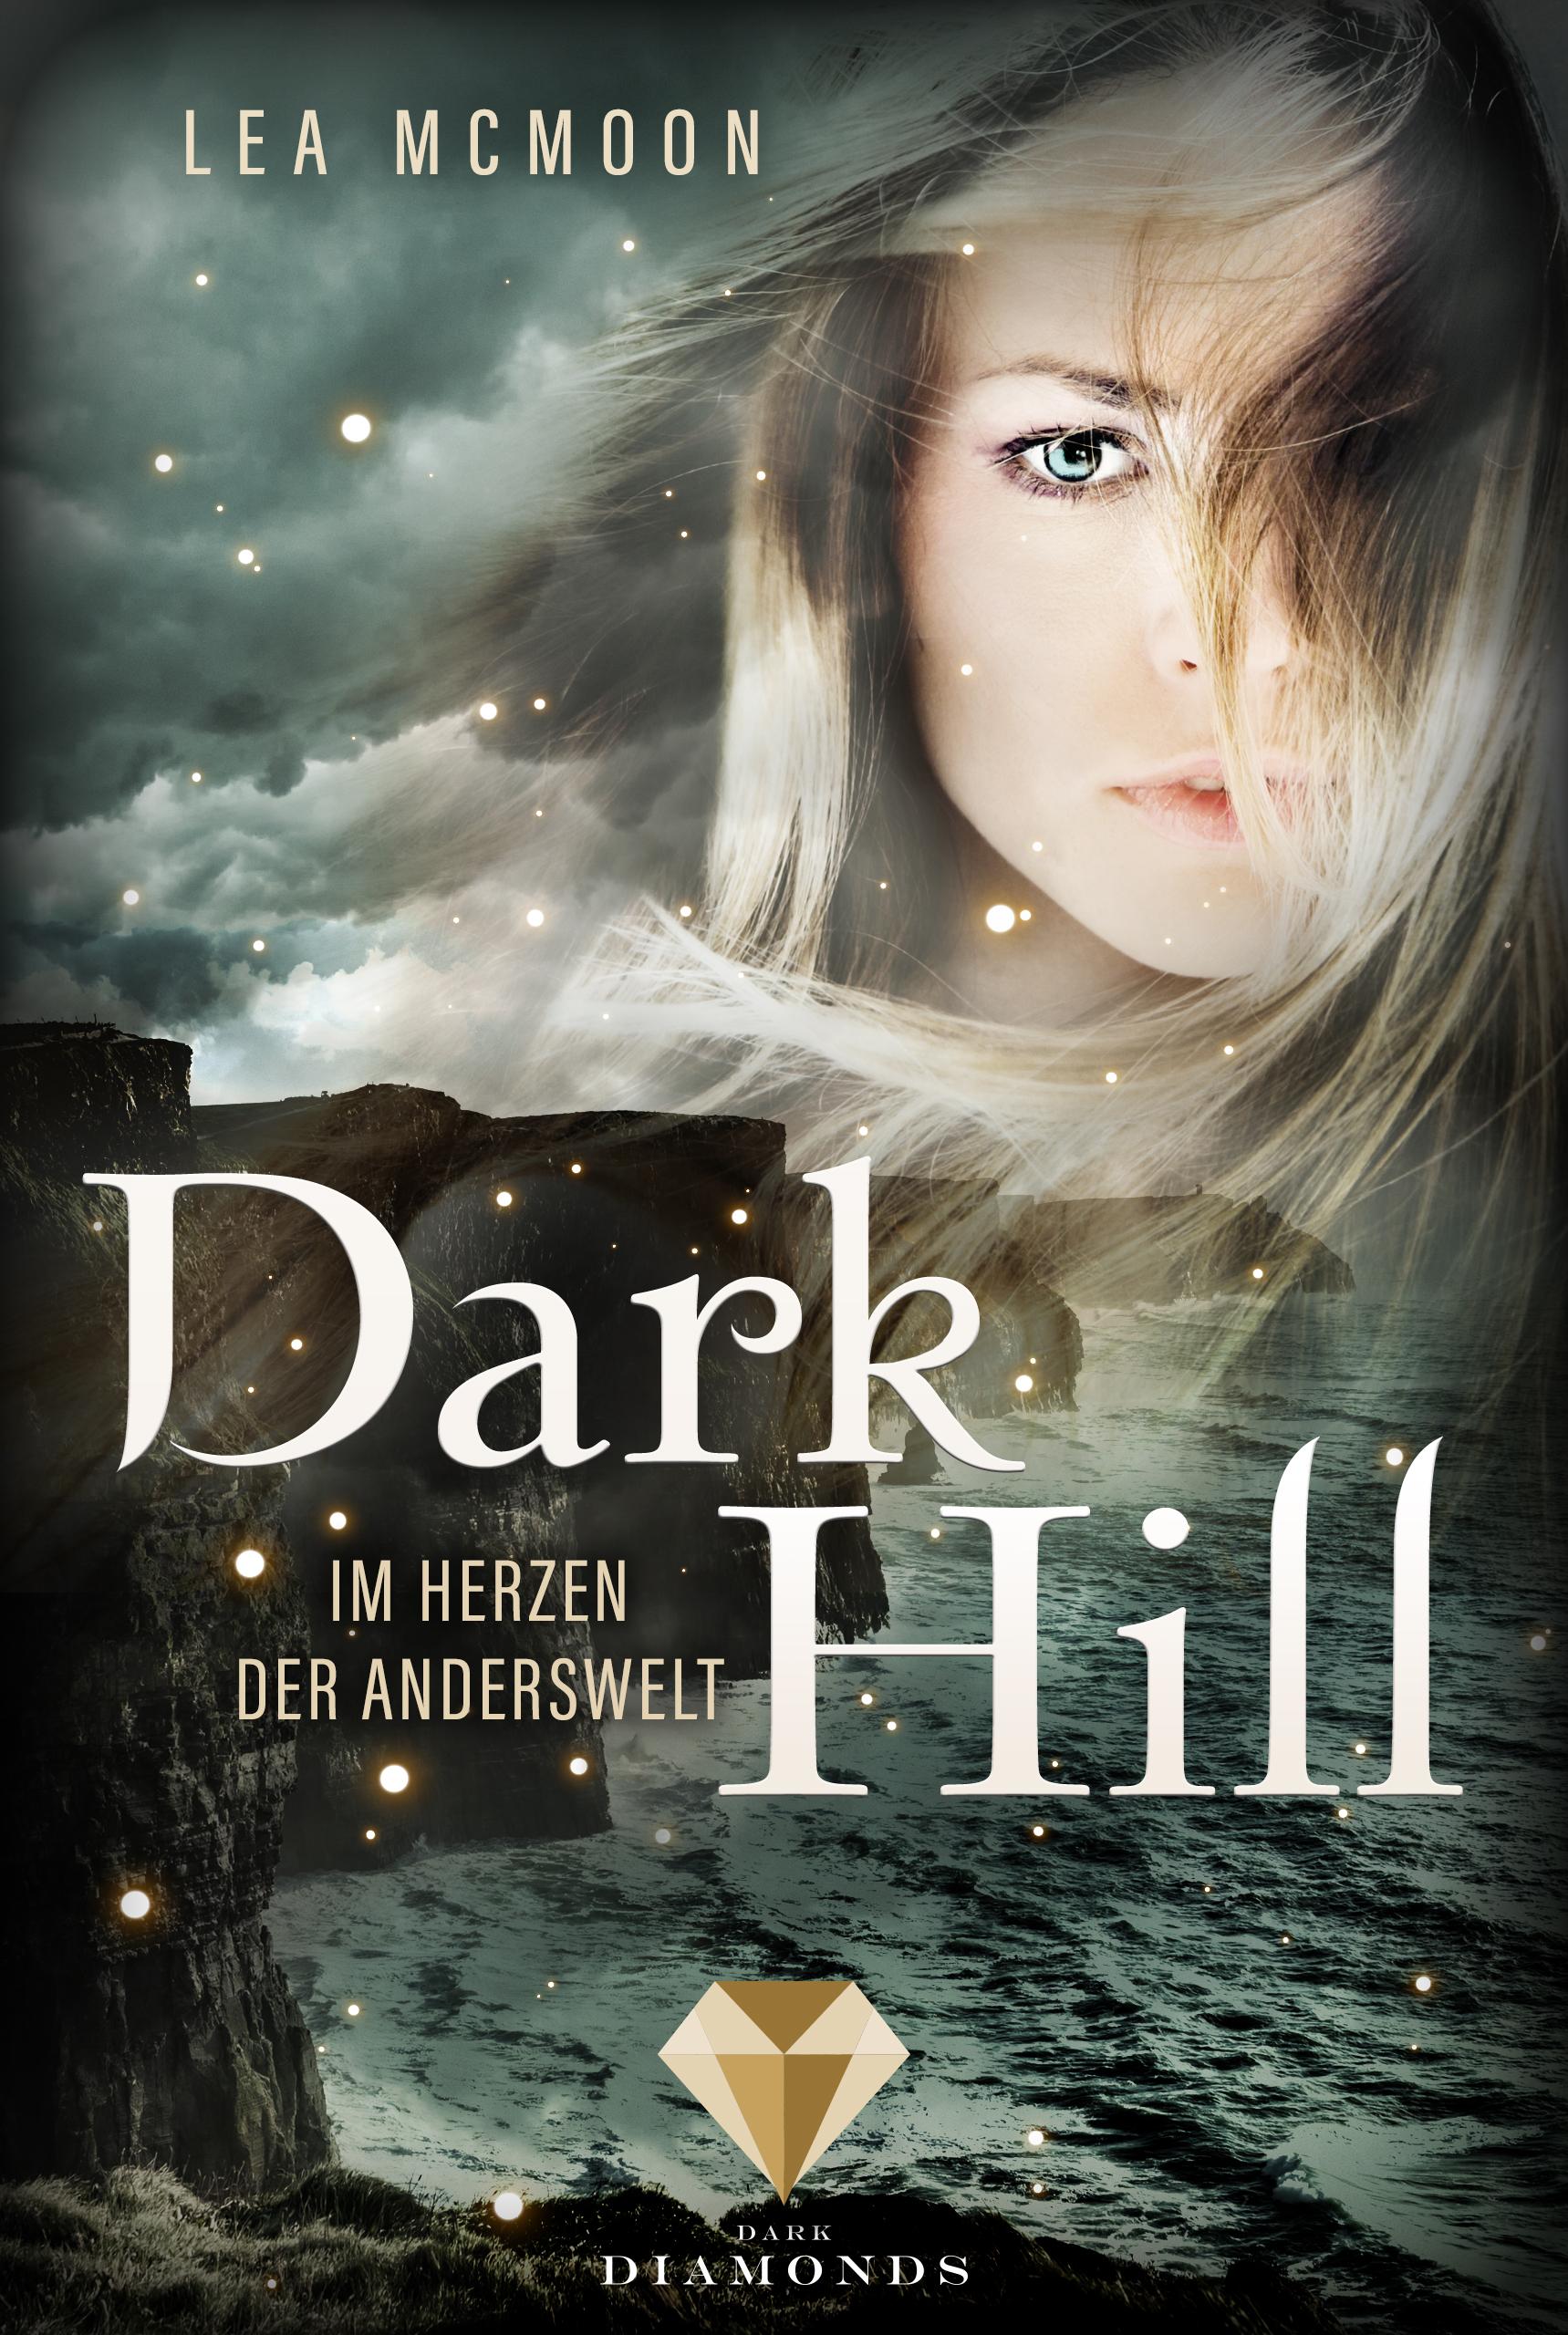 mcmoon_lea_dark_hill_im_herzen_der_anderswelt_phantastik-autoren-netzwerk.jpg